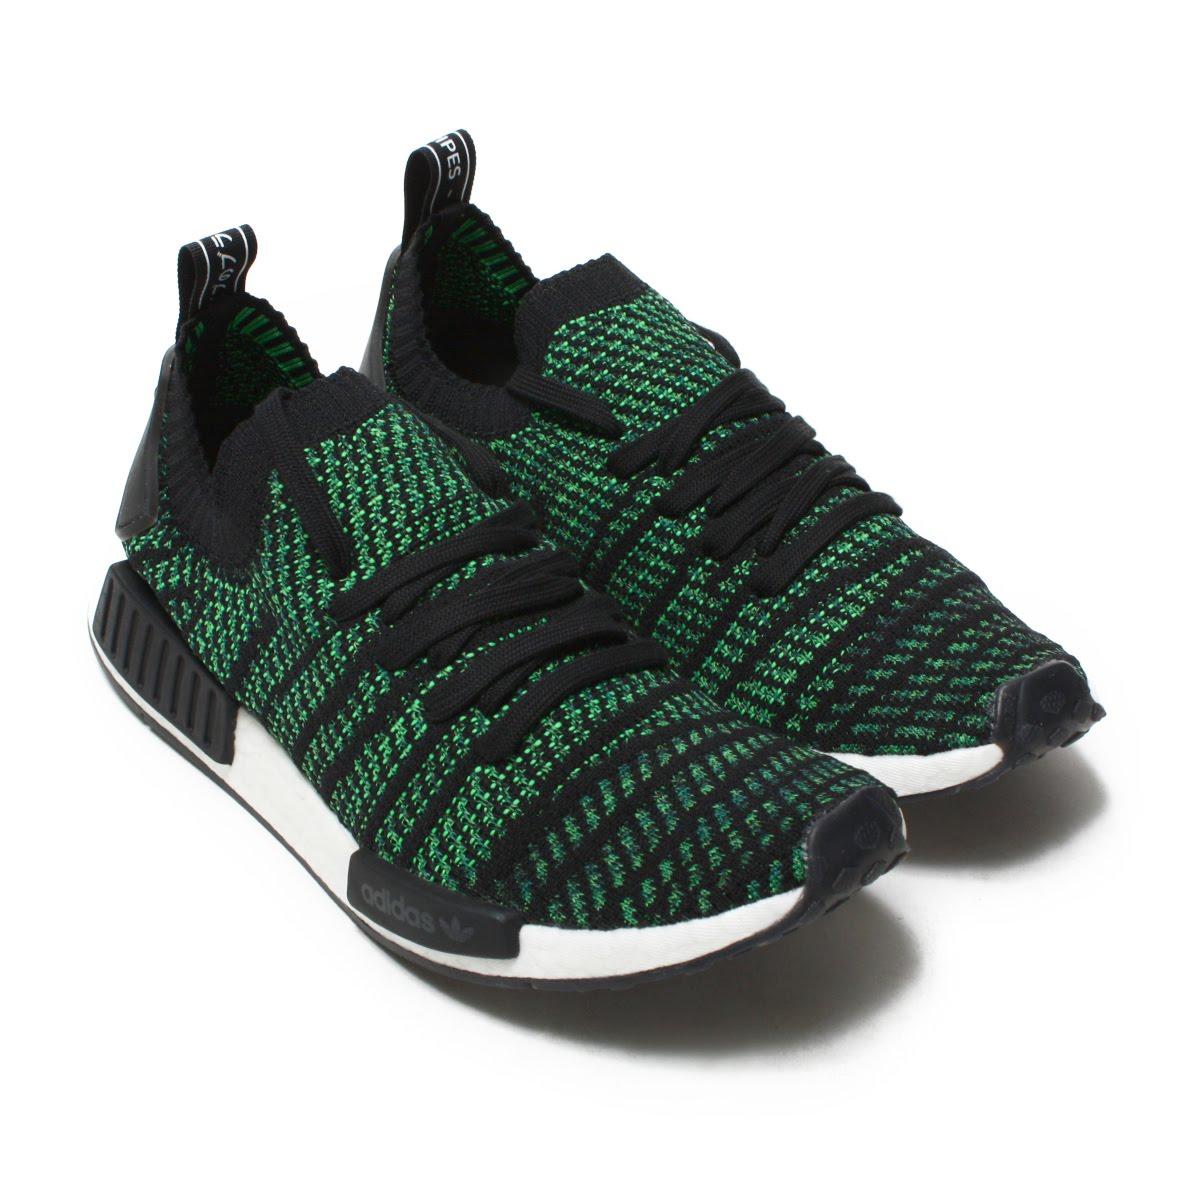 check out 01cef e380f adidas Originals NMD R1 STLT PK (Adidas originals N M D TS1 PK GTX) Core  Black/Noble Green/Bold Green 18FW-I